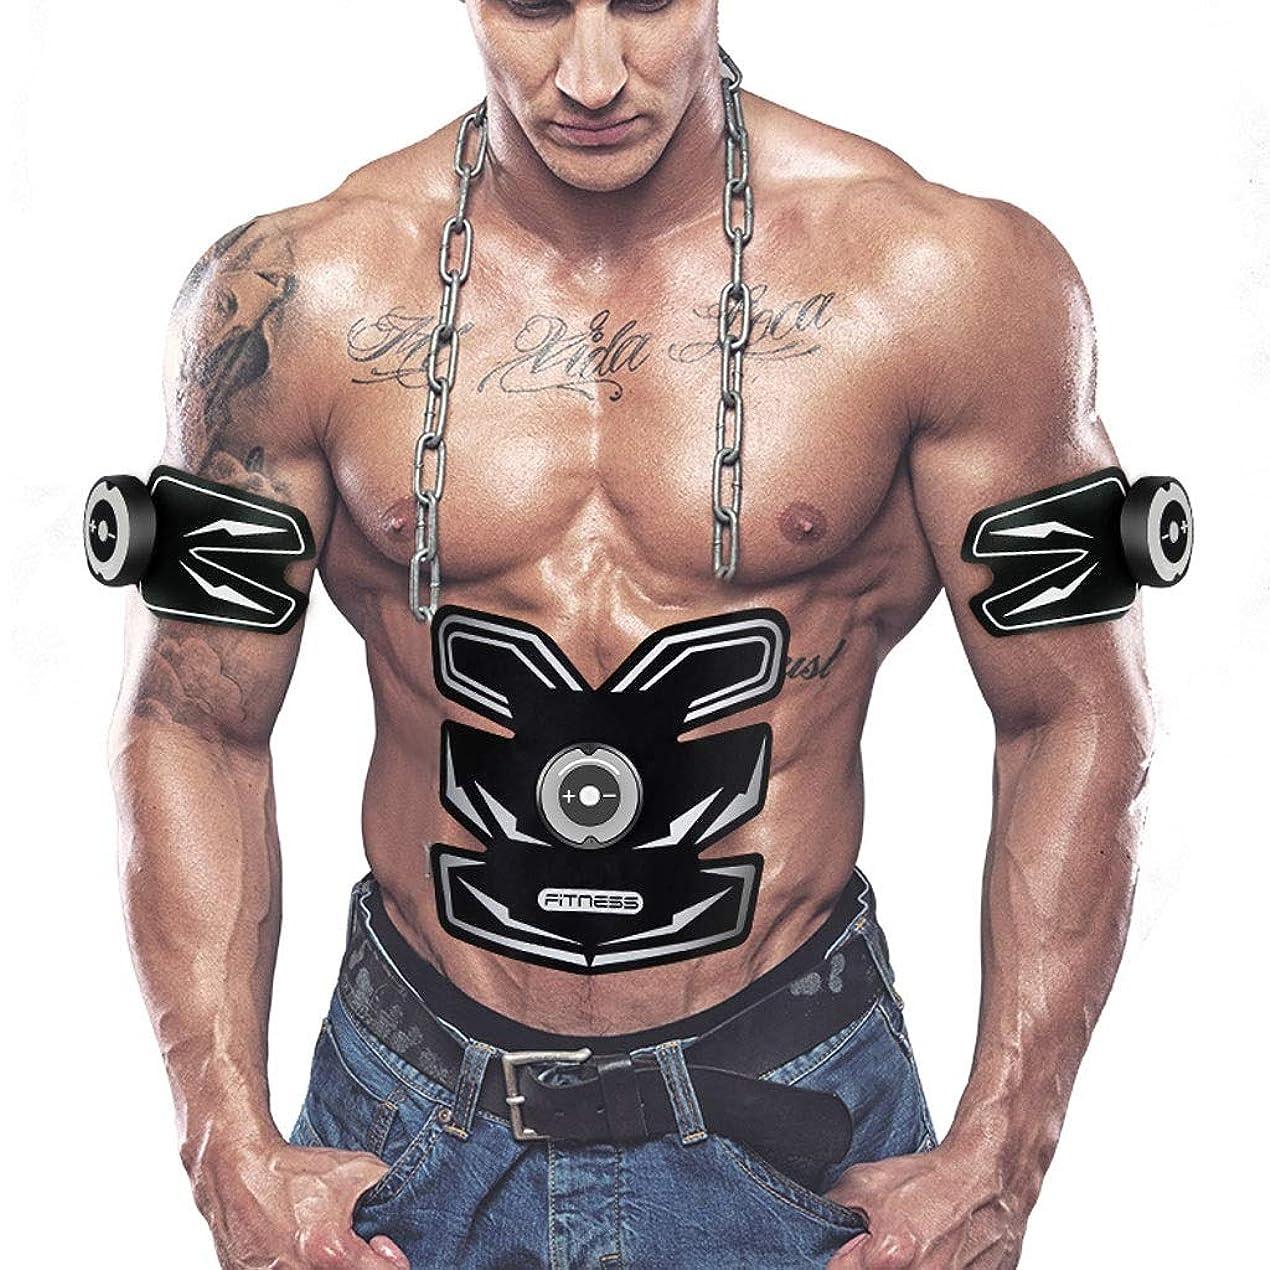 散らすコットンとても多くのAbsのトレーナーの適性の訓練ギヤ、リモート?コントロールのEMS筋肉刺激装置 - 人及び女性のためのUSBの再充電可能な最終的な腹部刺激装置筋肉トナー (Color : White)